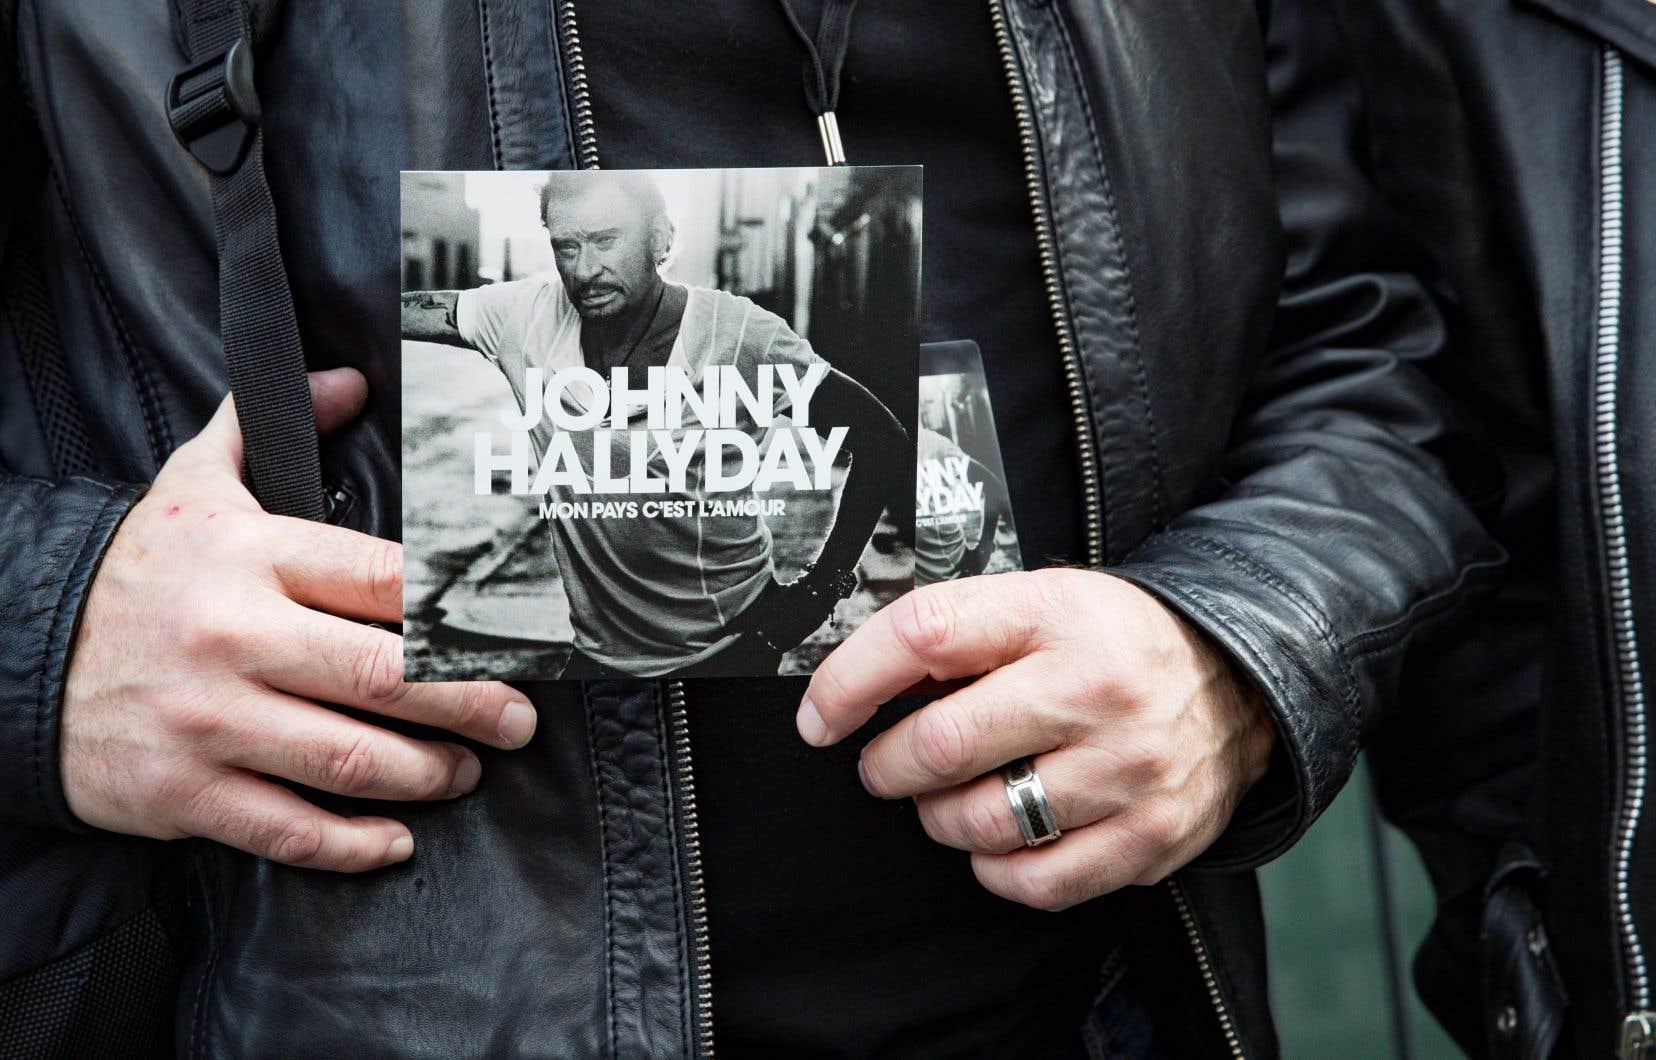 Chez Warner Music, on s'attend à ce que l'album soit disque de platine (100000 exemplaires) dès la mise en vente à minuit, grâce aux précommandes.